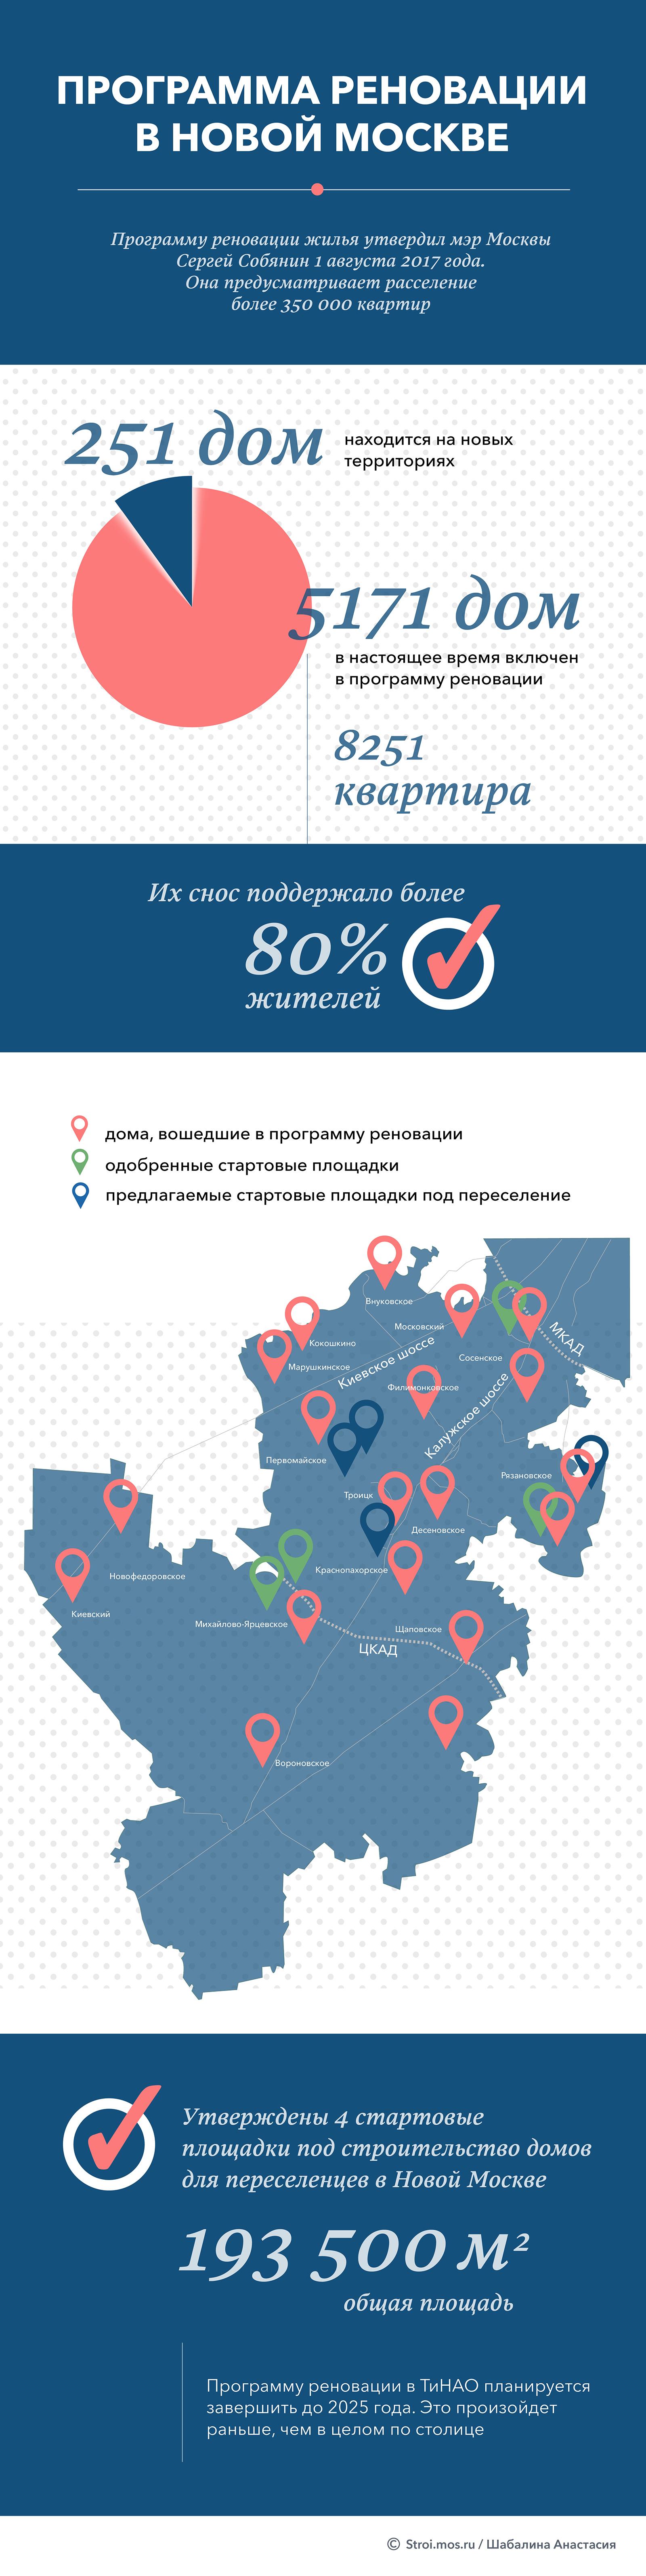 инфографика программа реновации в новой москве ТИНАО